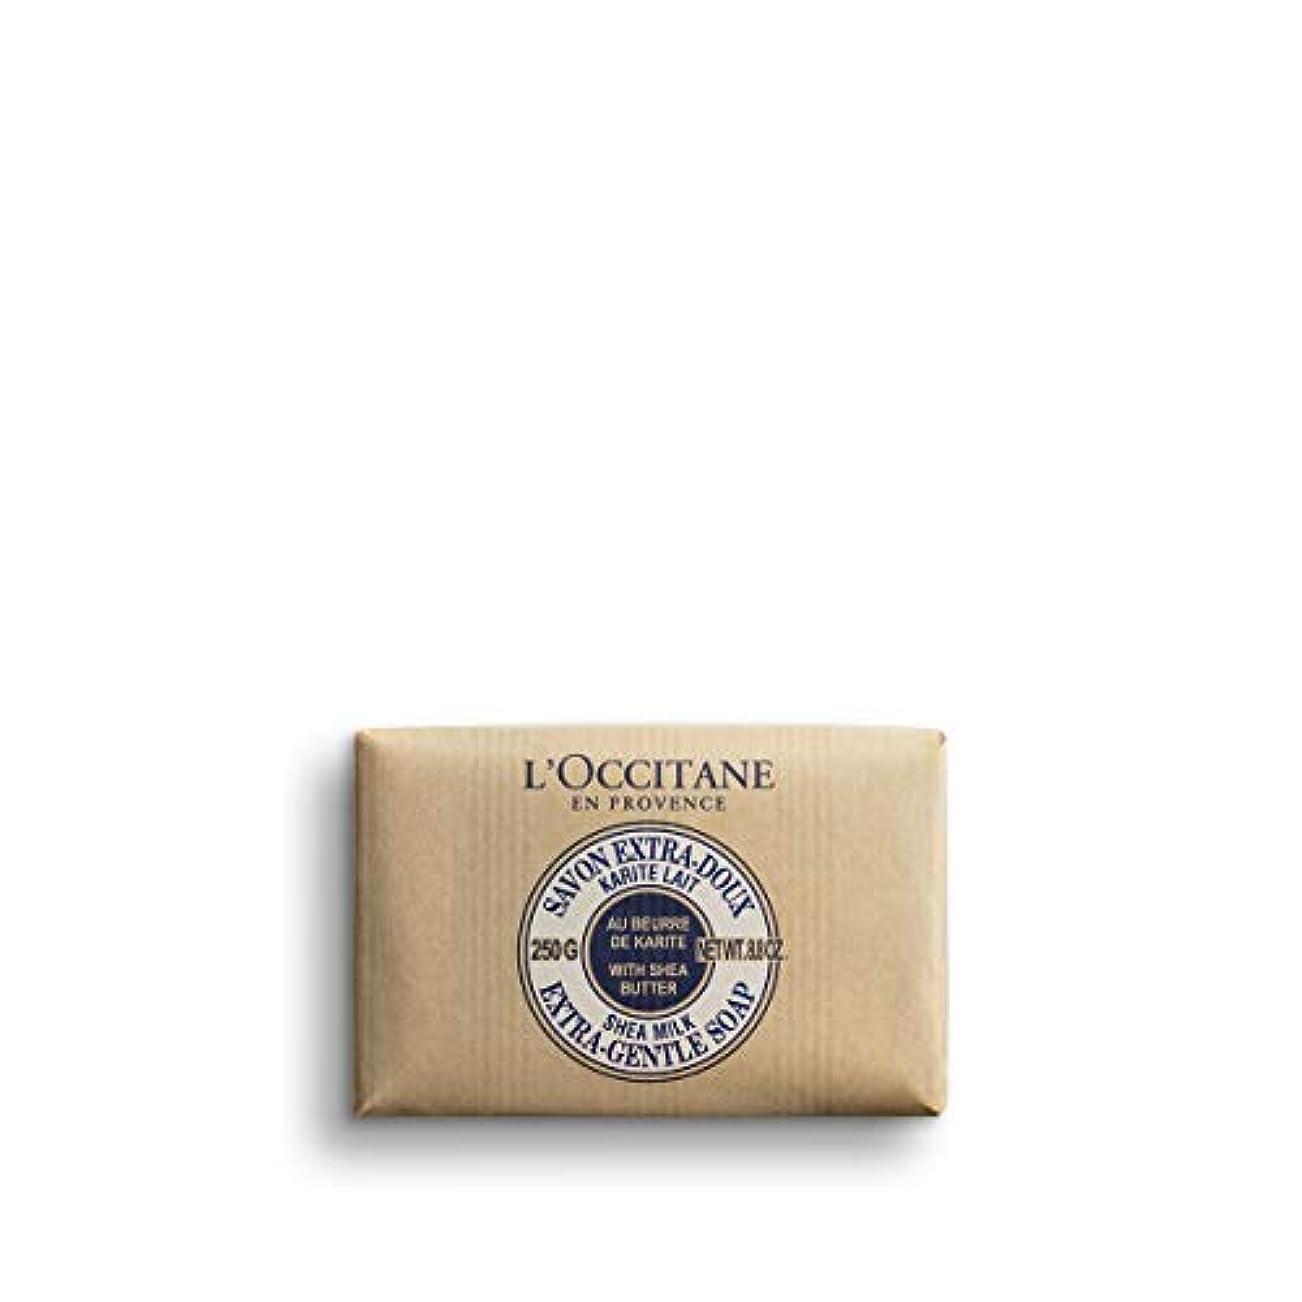 破壊的変換ガチョウロクシタン(L'OCCITANE) シアバターソープ 250g ミルク